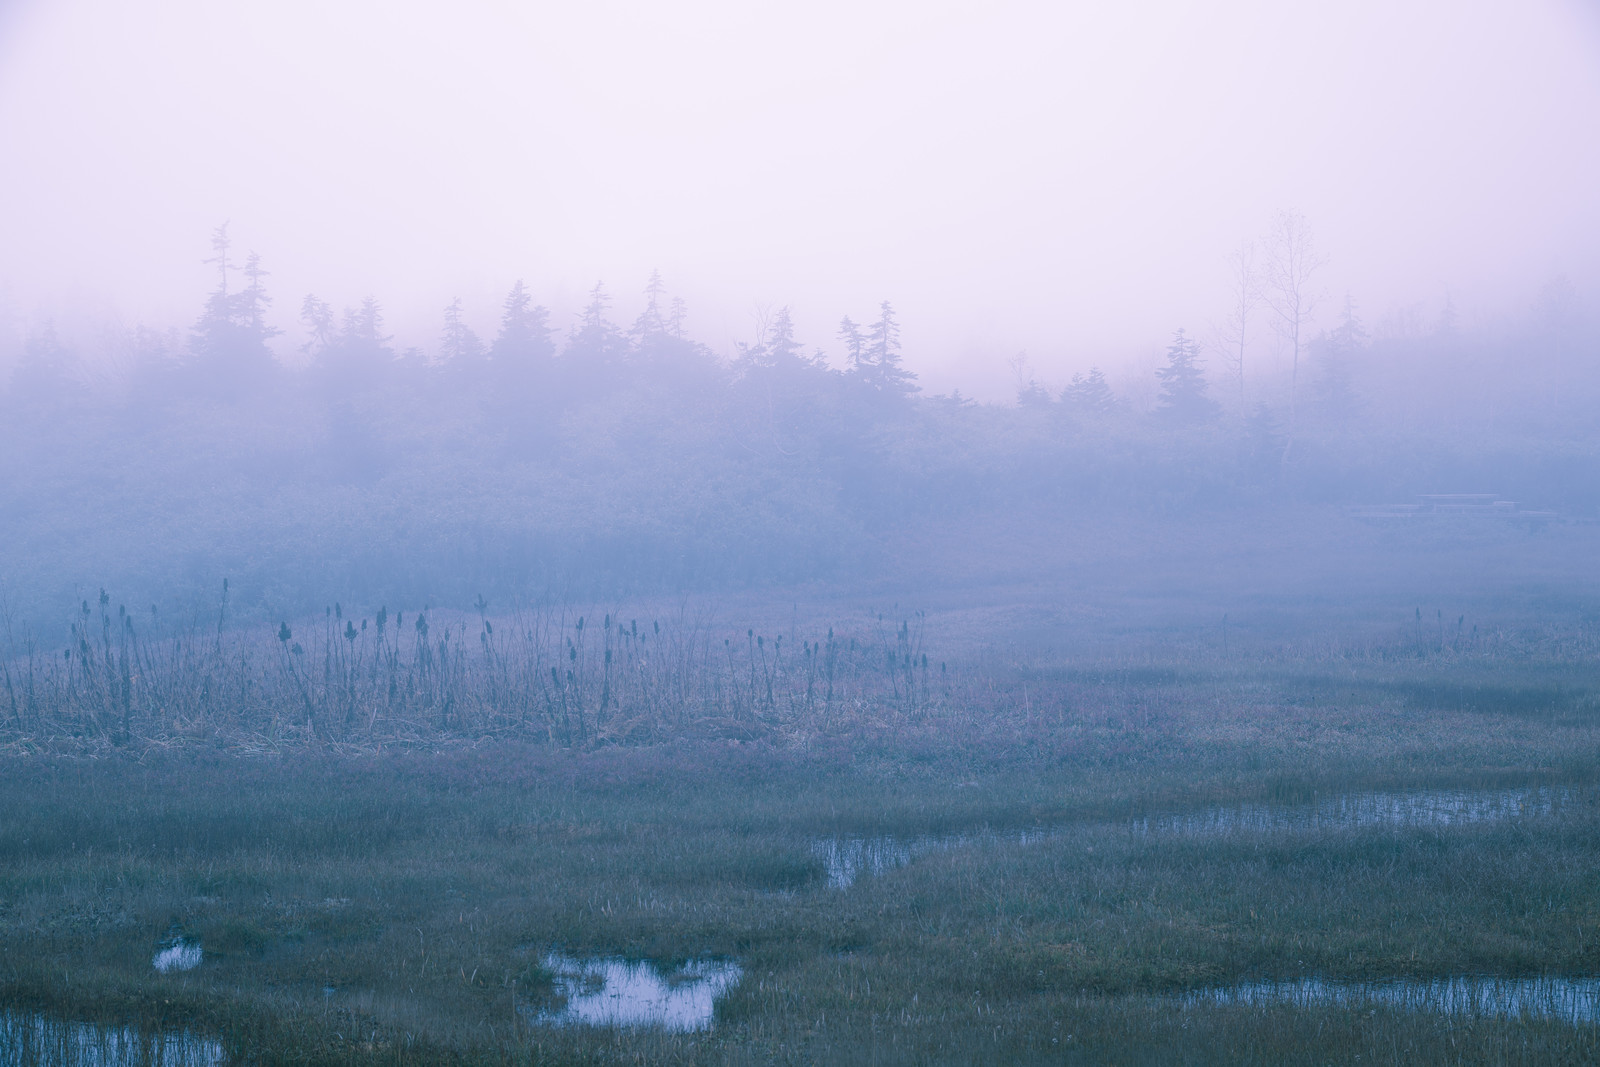 霧のかかった自然風景のフリー素材